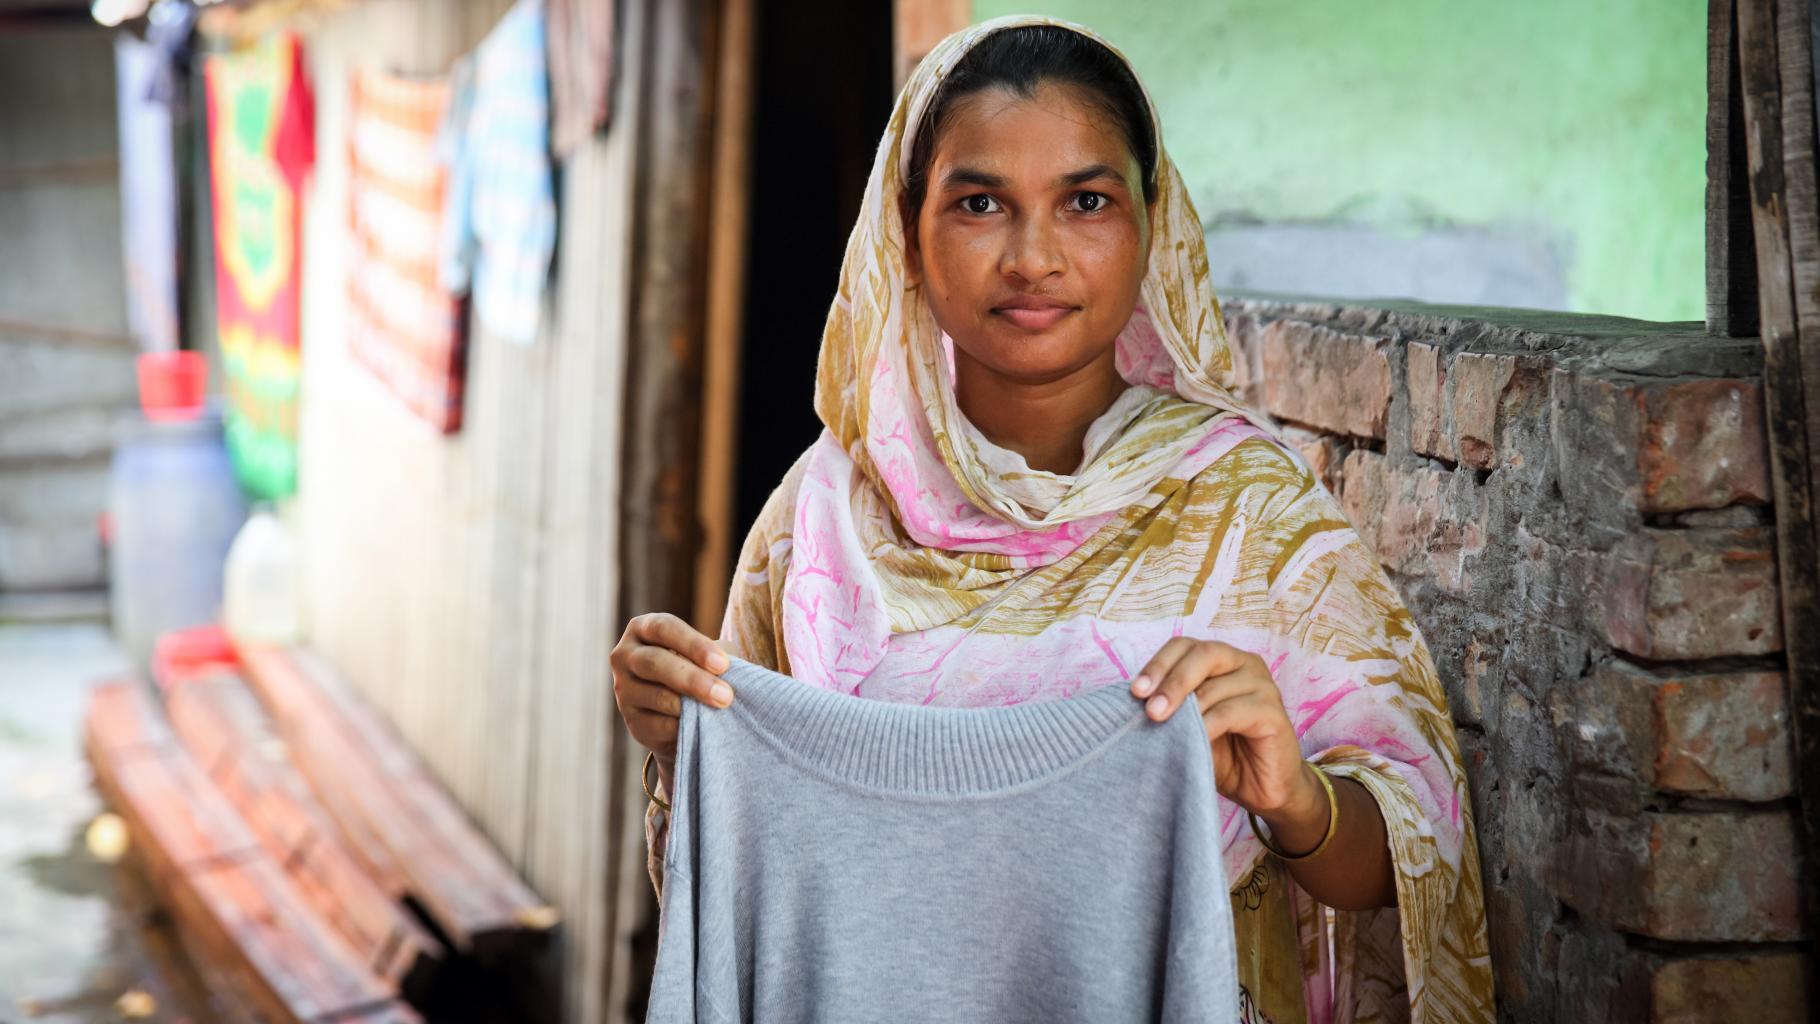 Die Textilarbeiterin Anju hält ein Kleidungsstück, das sie genäht hat.